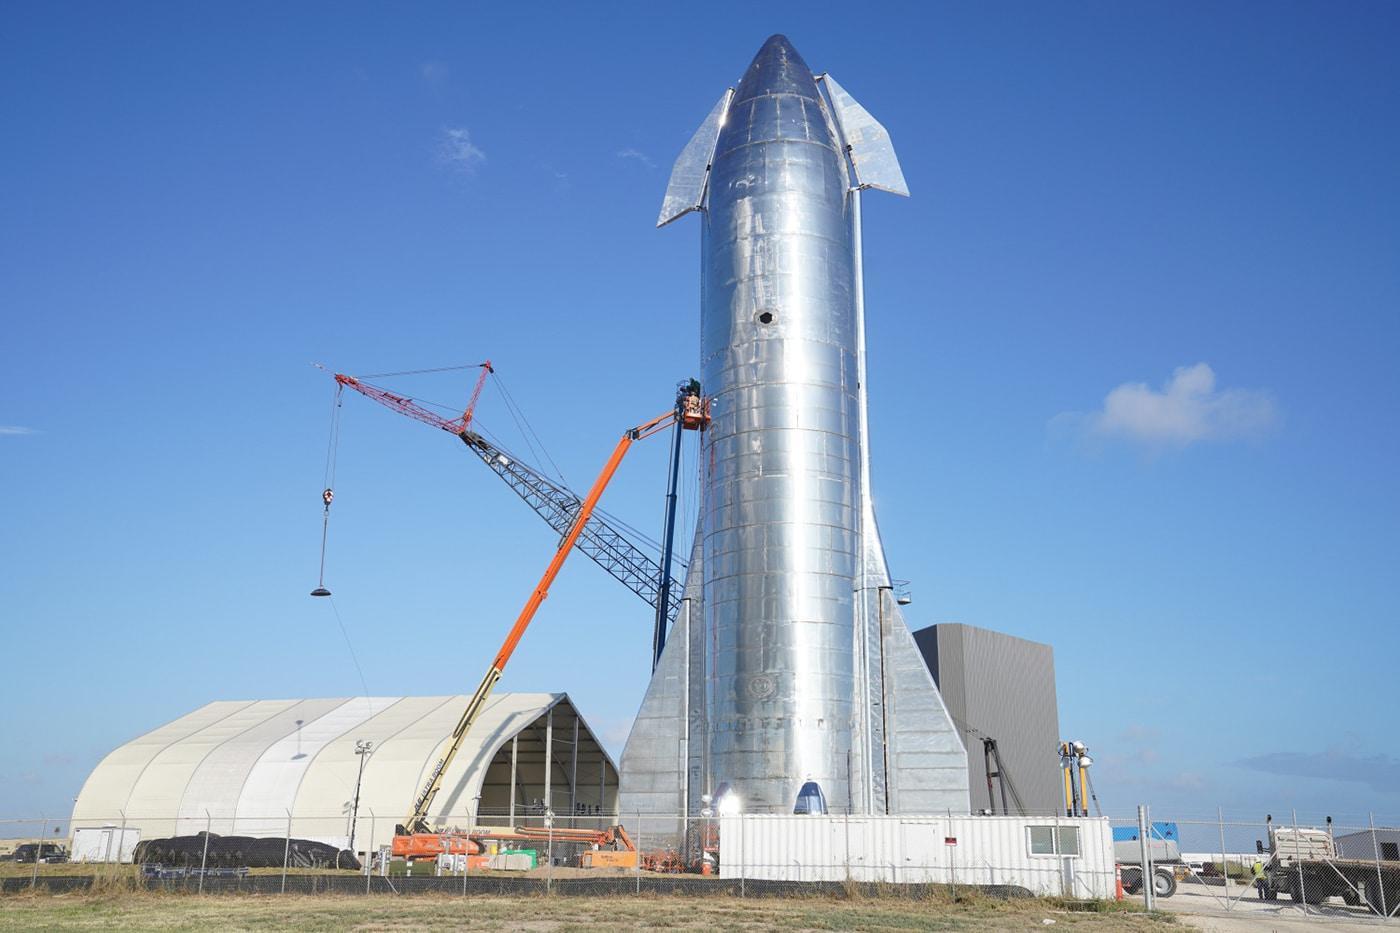 Slik så den første Starship-prototypen ut.